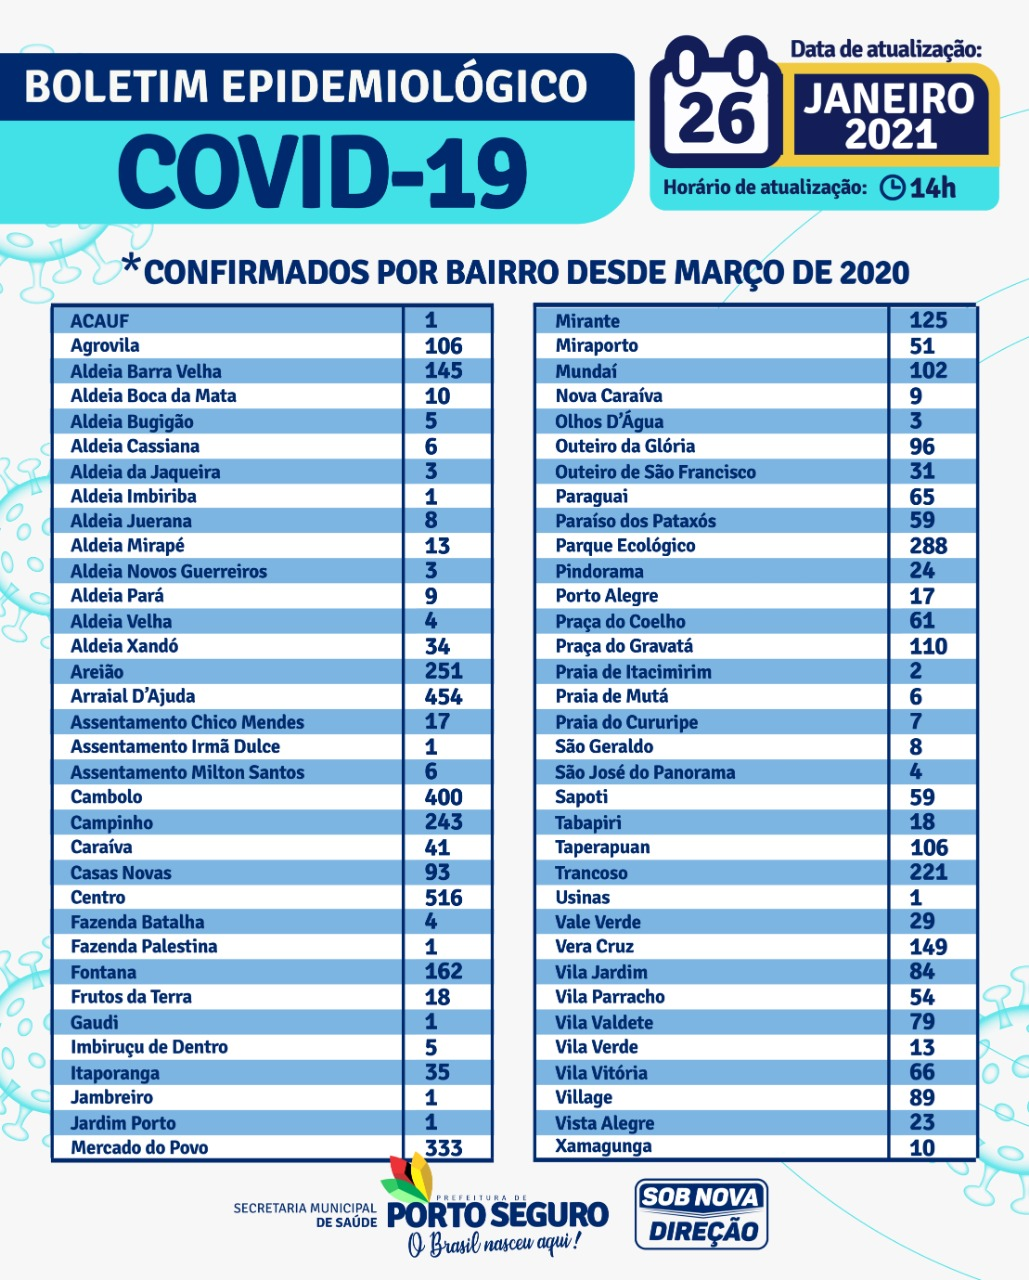 Porto Seguro: Boletim Epidemiológico Coronavírus (Terça-feira) 26/01 26